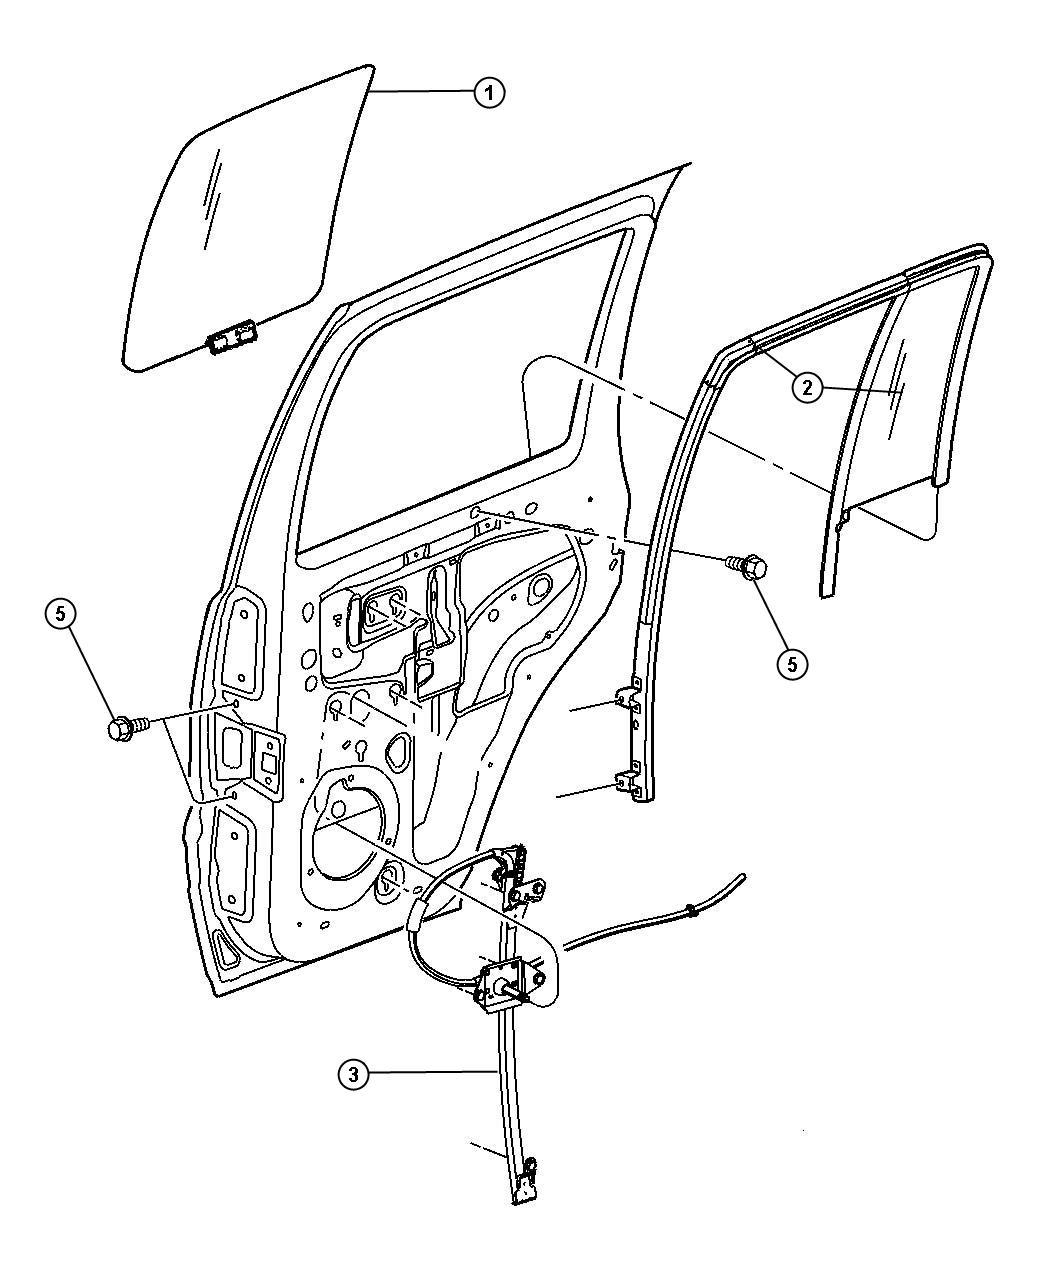 jeep liberty parts diagram door swing